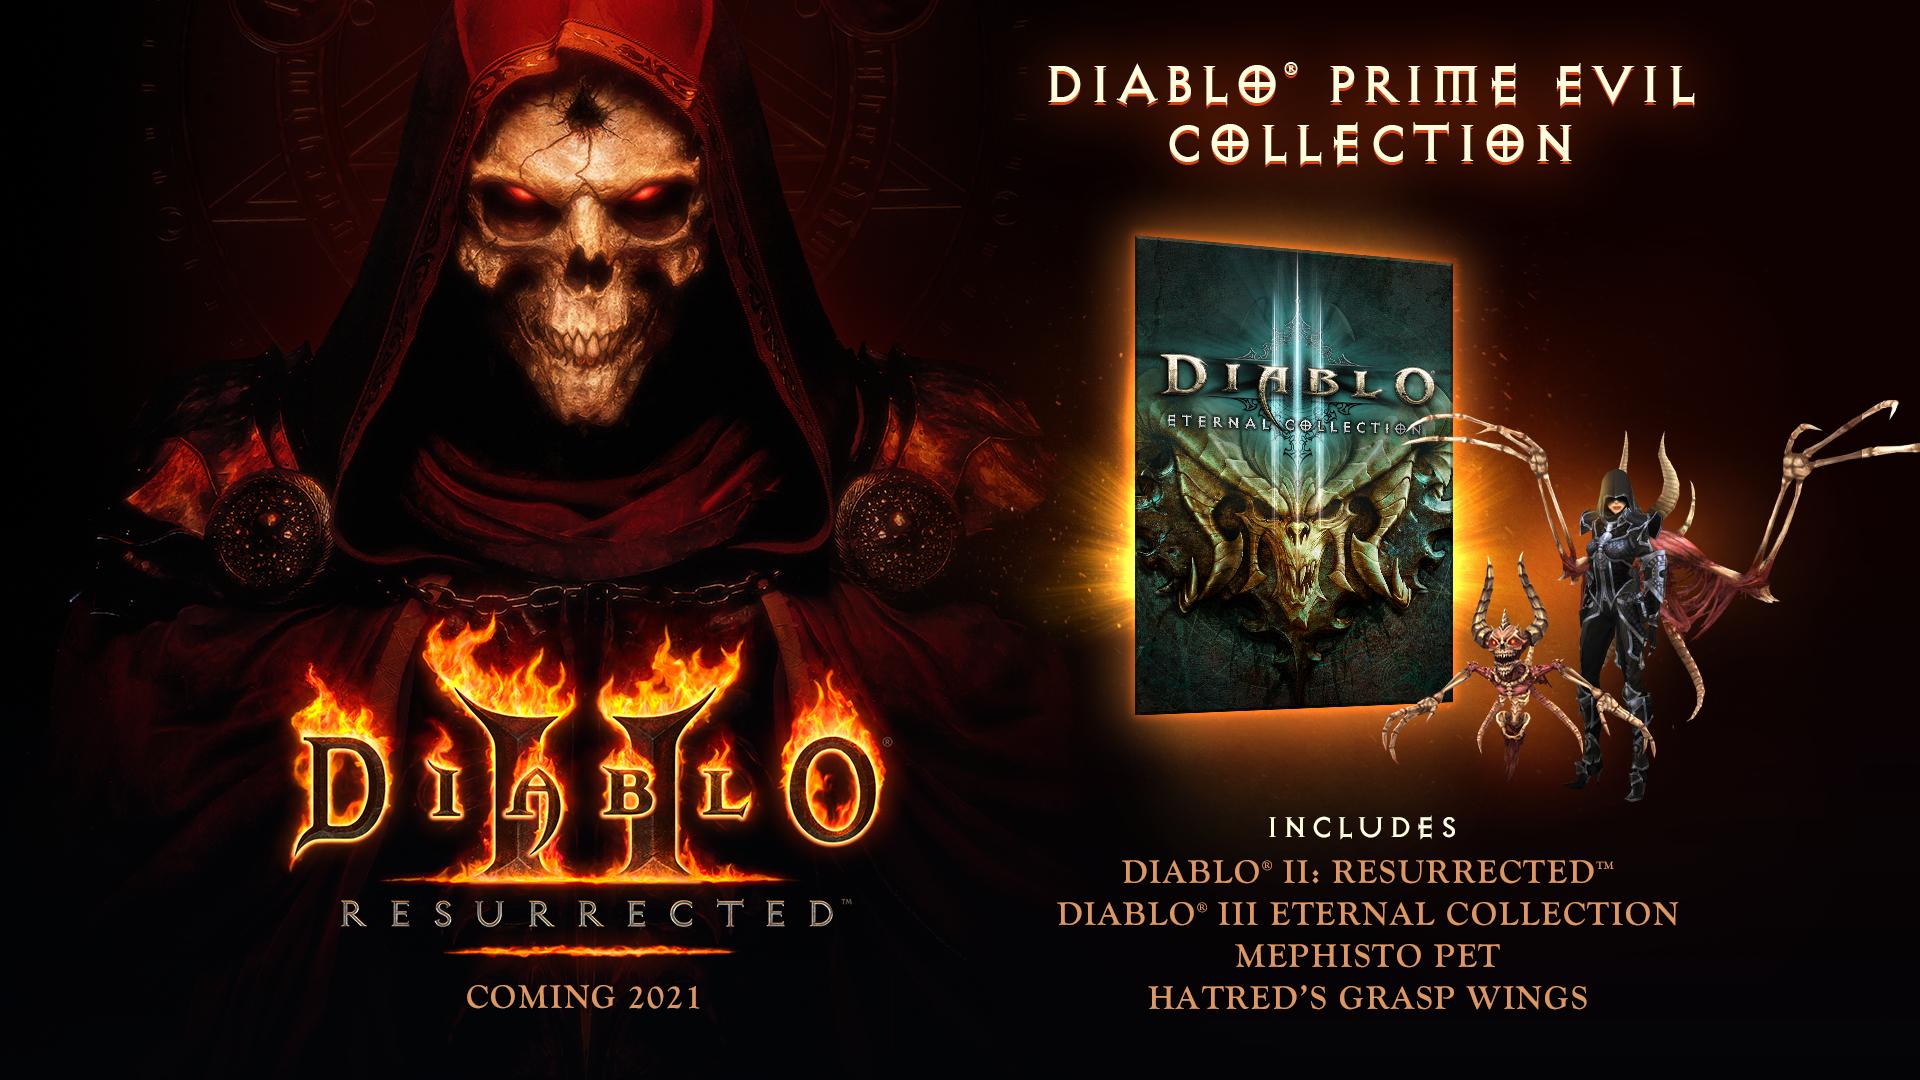 Diablo II Ressurected chega ainda em 2021 e já está em pré-venda no PC